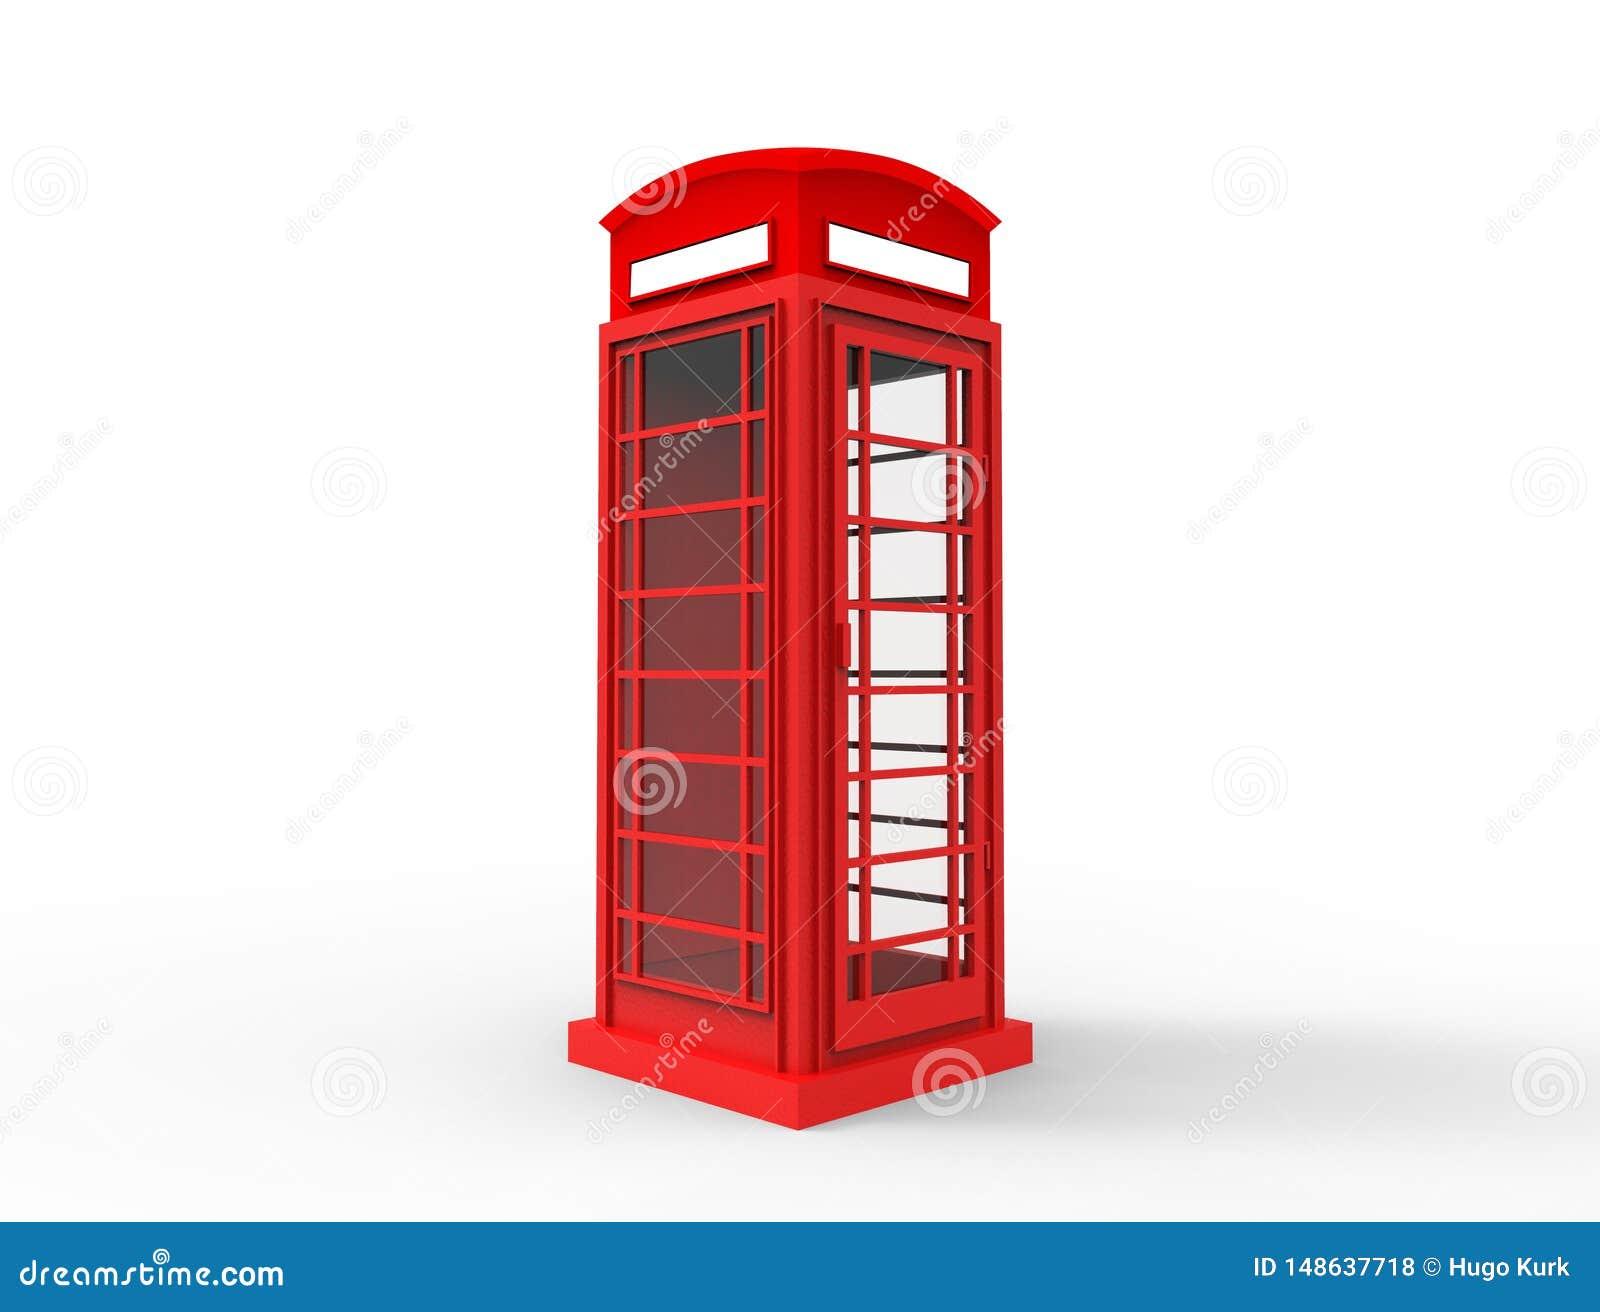 Rendi??o 3D de um telephonebooth cl?ssico vermelho no fundo branco